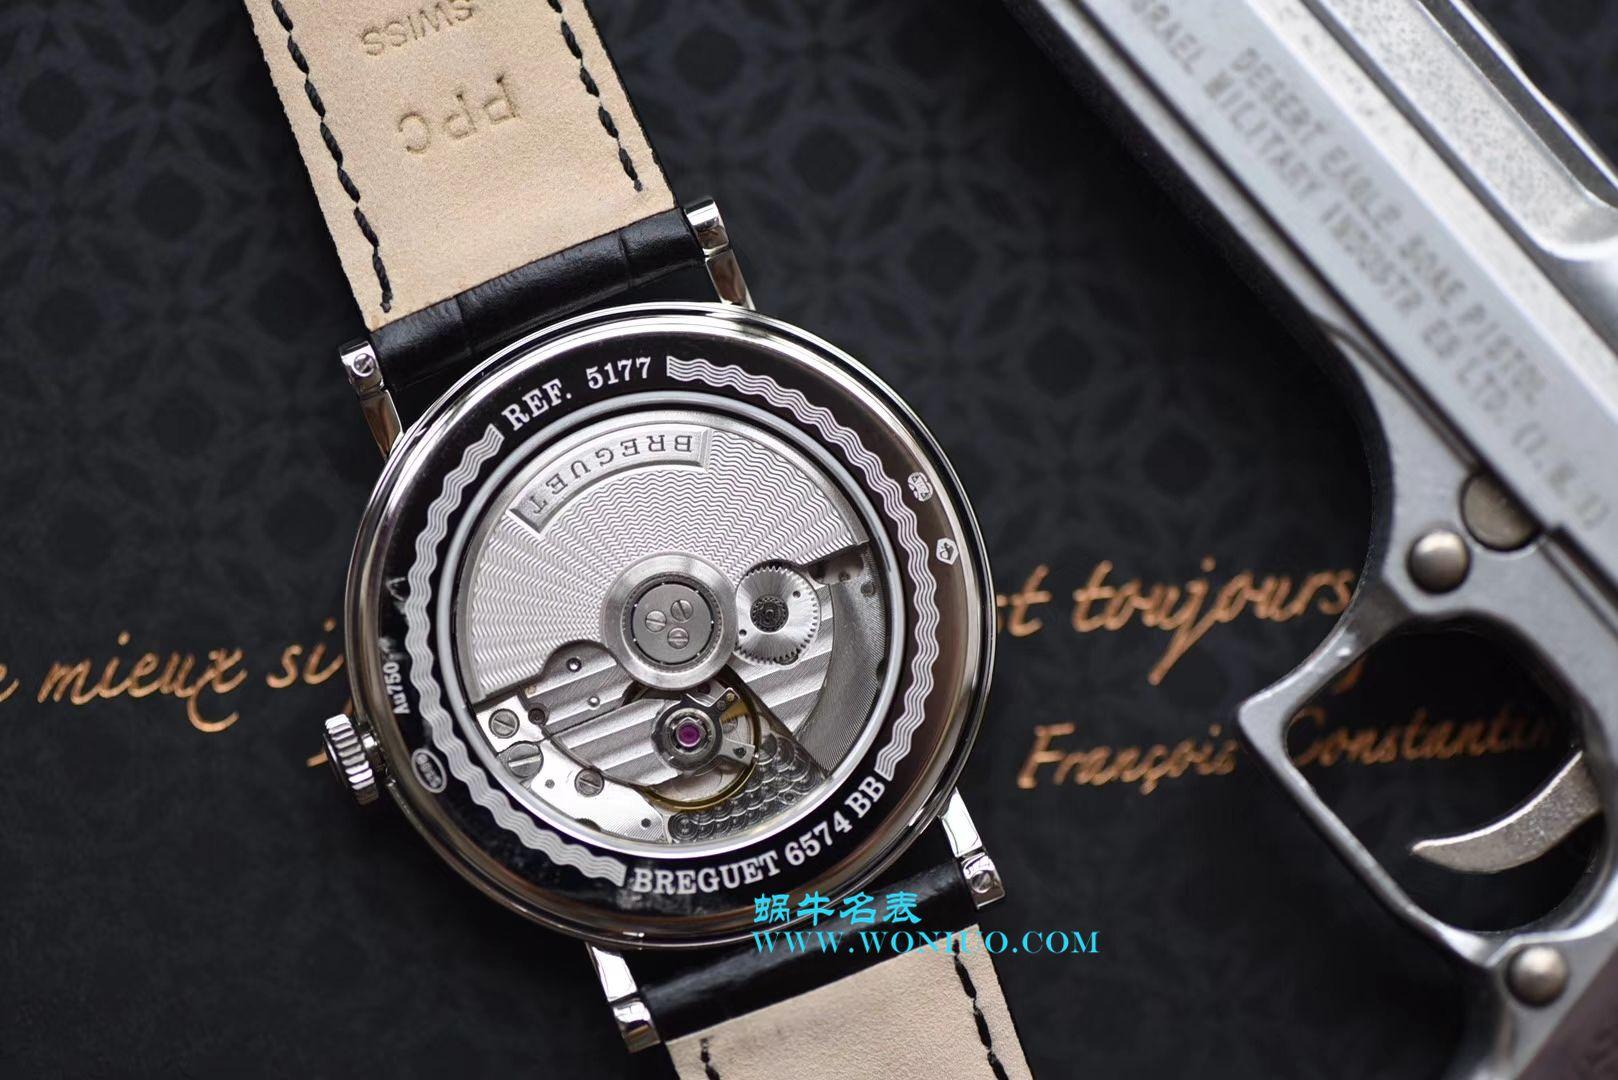 【FK厂顶级复刻手表】宝玑经典系列5177BB/12/9V6腕表 / BZ030